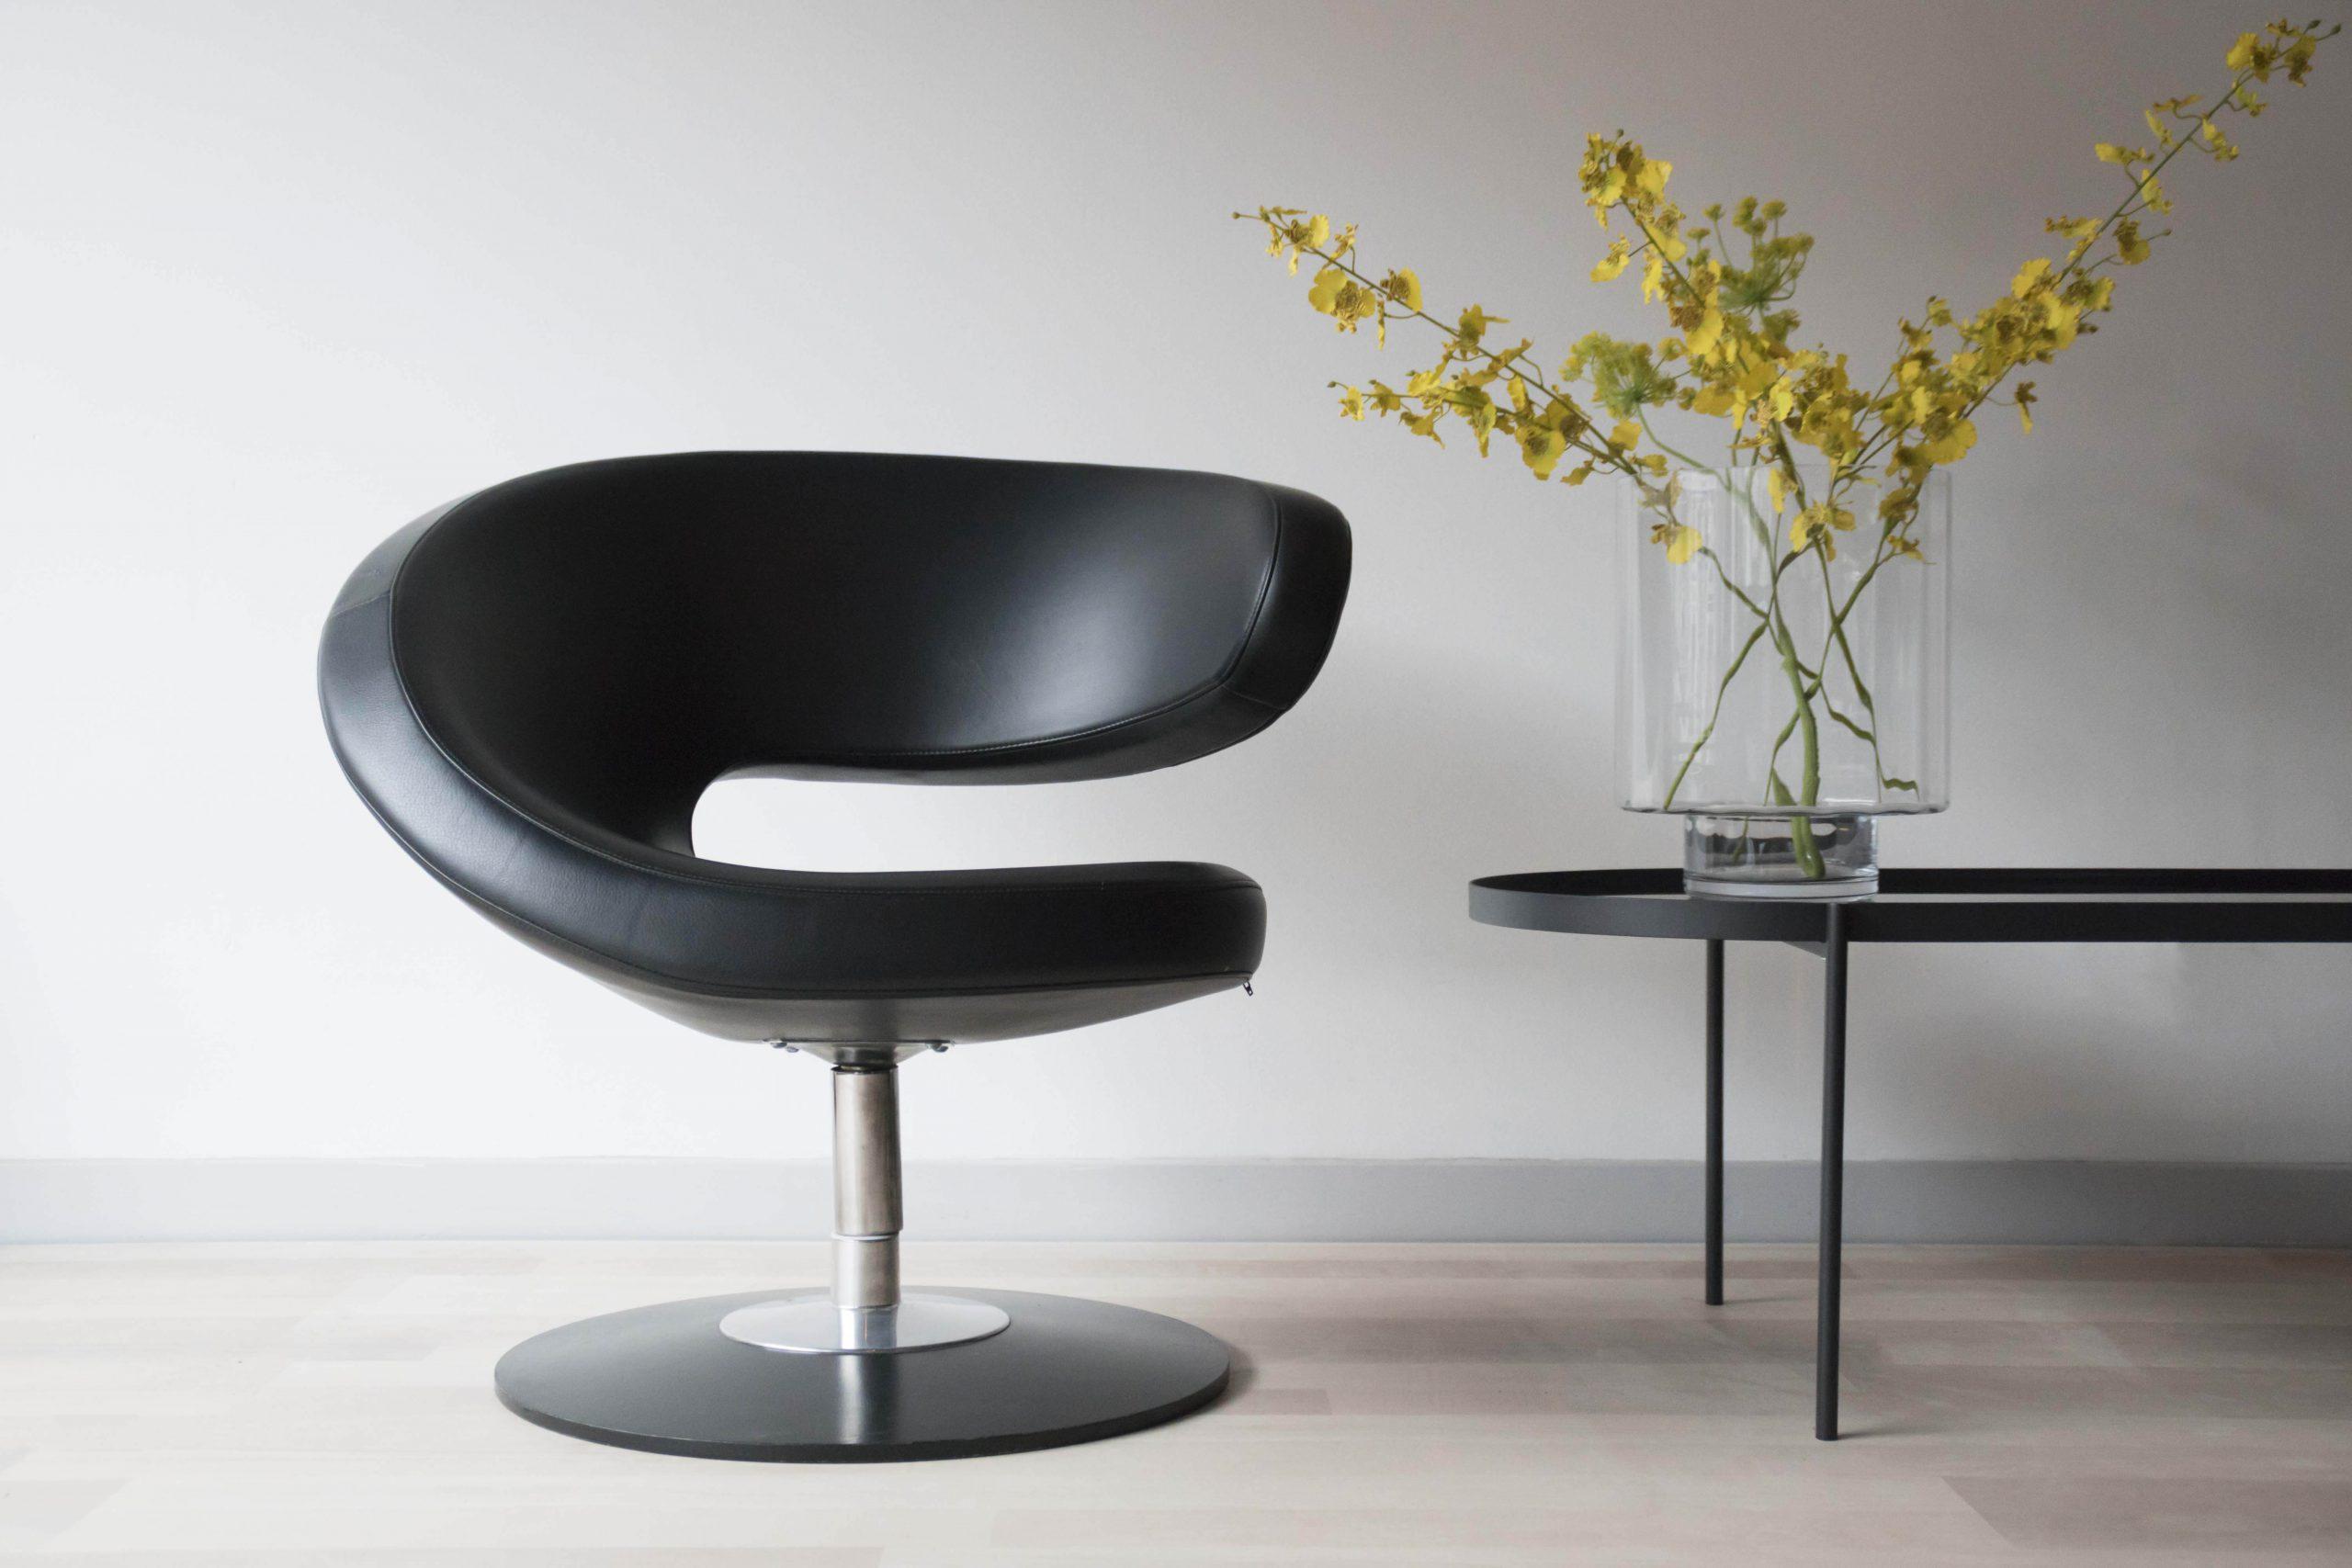 Fauteuil Design Leer.Design Varier Peel Club Fauteuil In Elegant Zwart Leer Studio